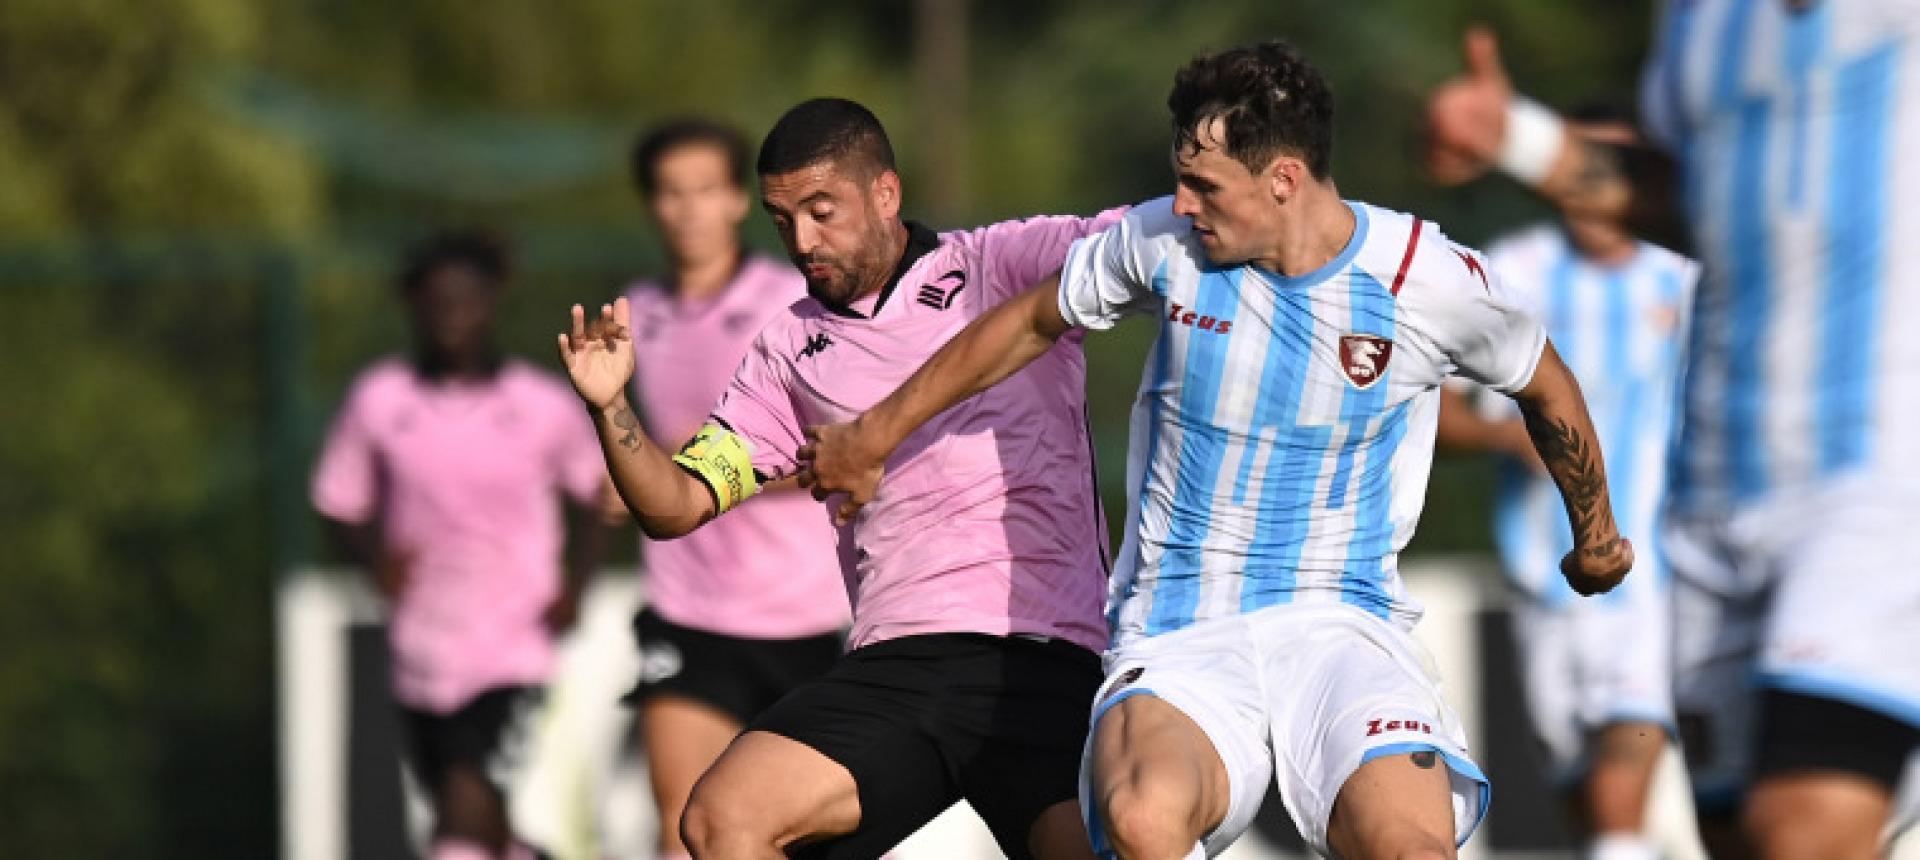 Palermo-Picerno: le formazioni ufficiali